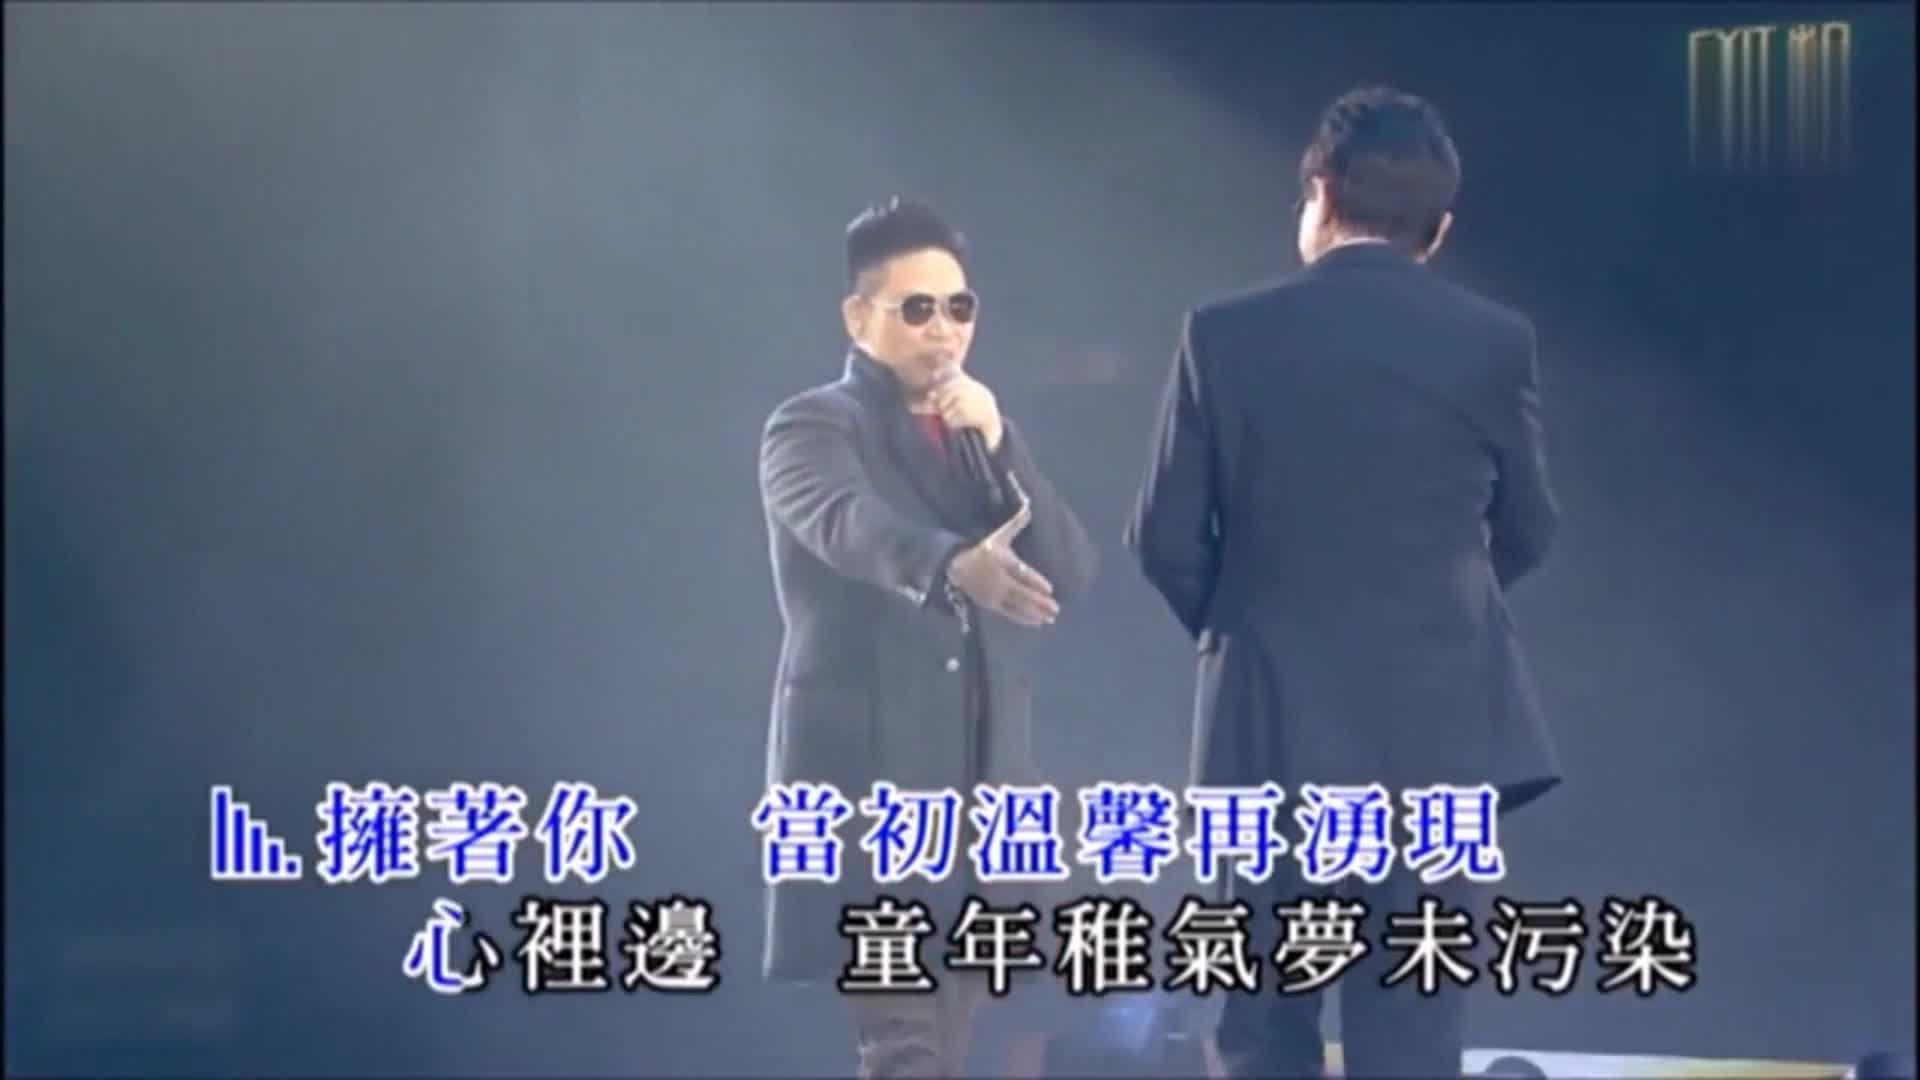 许冠文演唱《当年情》,直到笑场才知苏永康在幕后代唱!